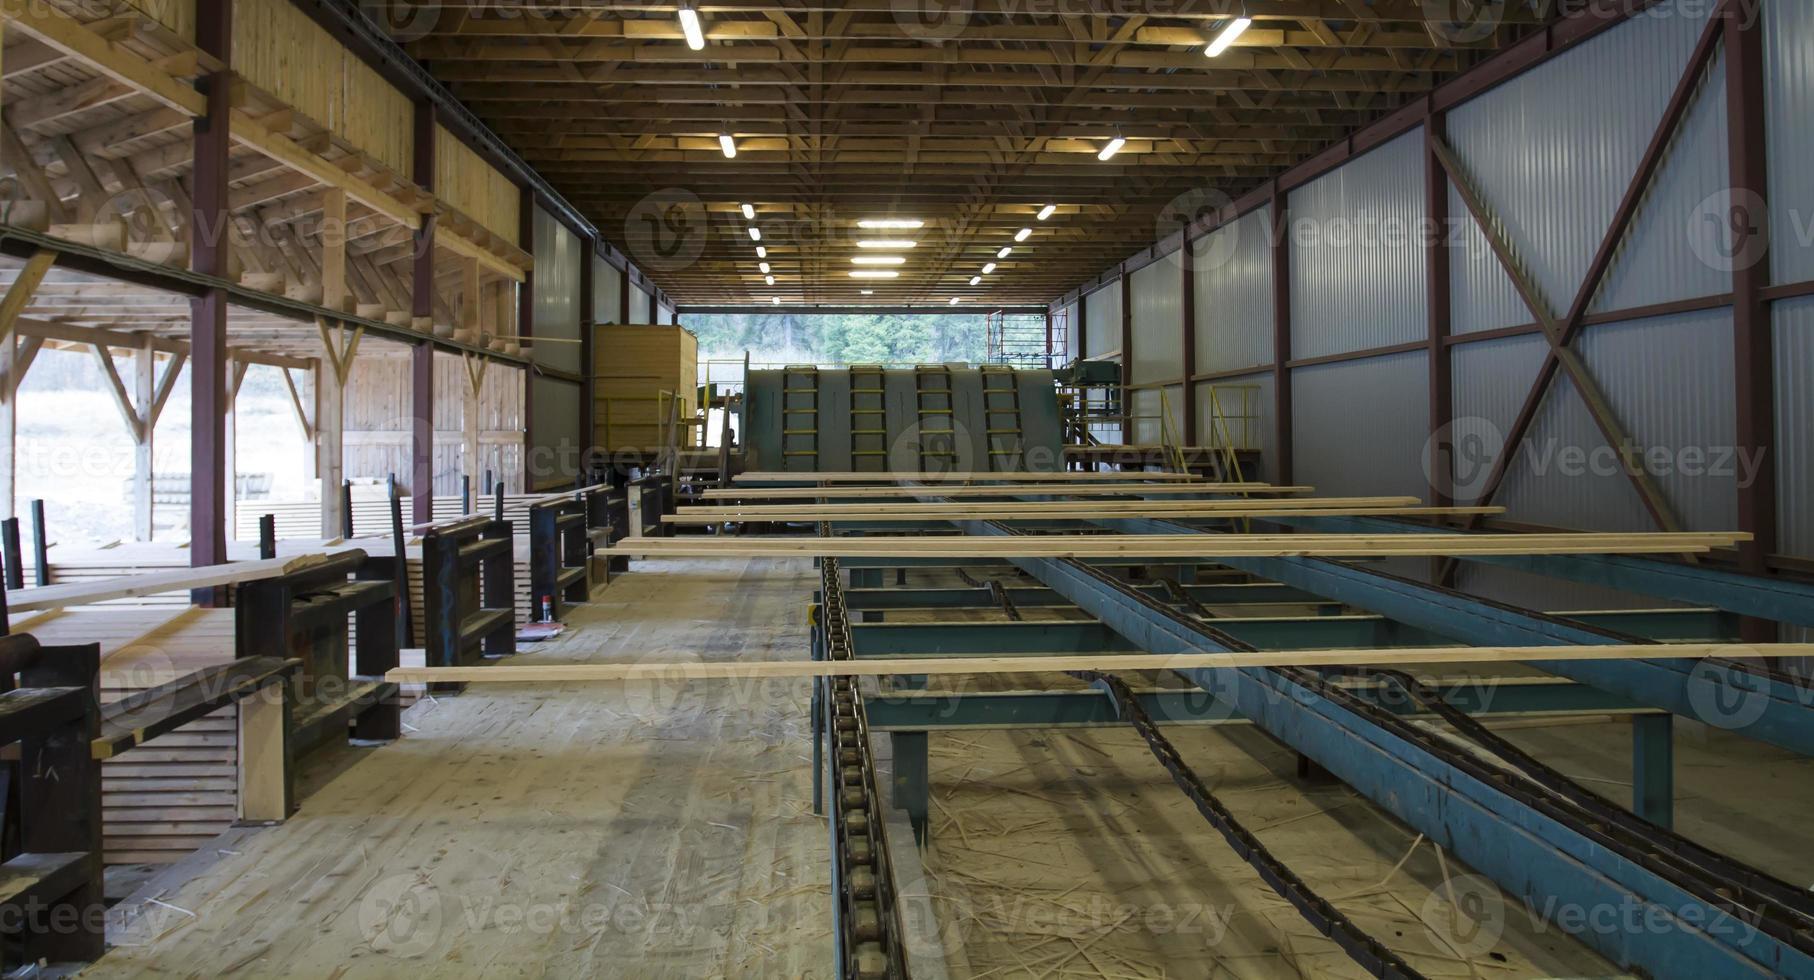 cortar tablones de madera en transportador en aserradero foto